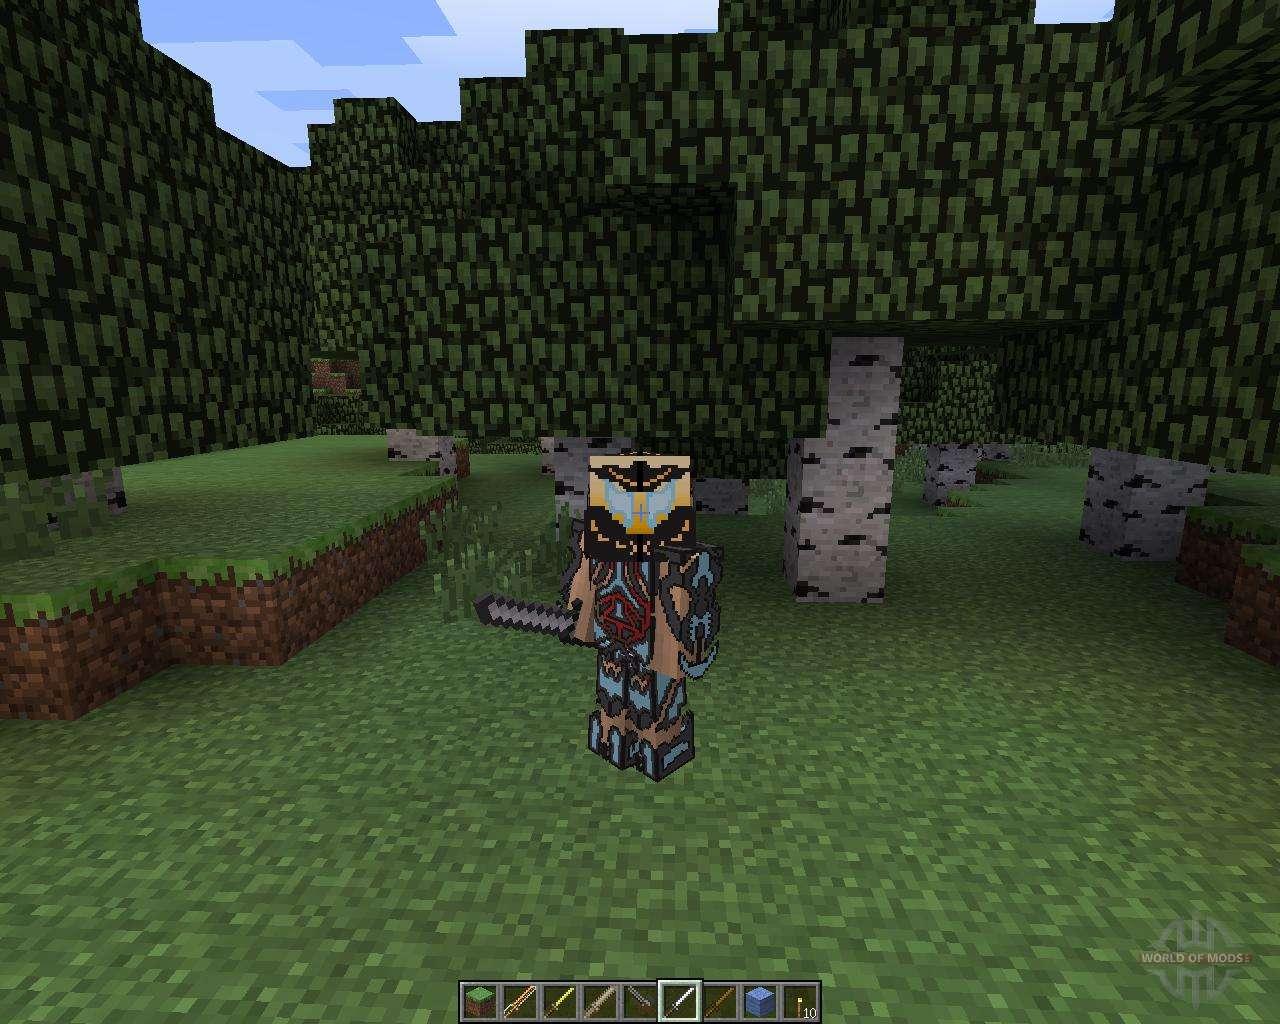 Текстуры для minecraft 1.7.2 - текстуры в HD качестве